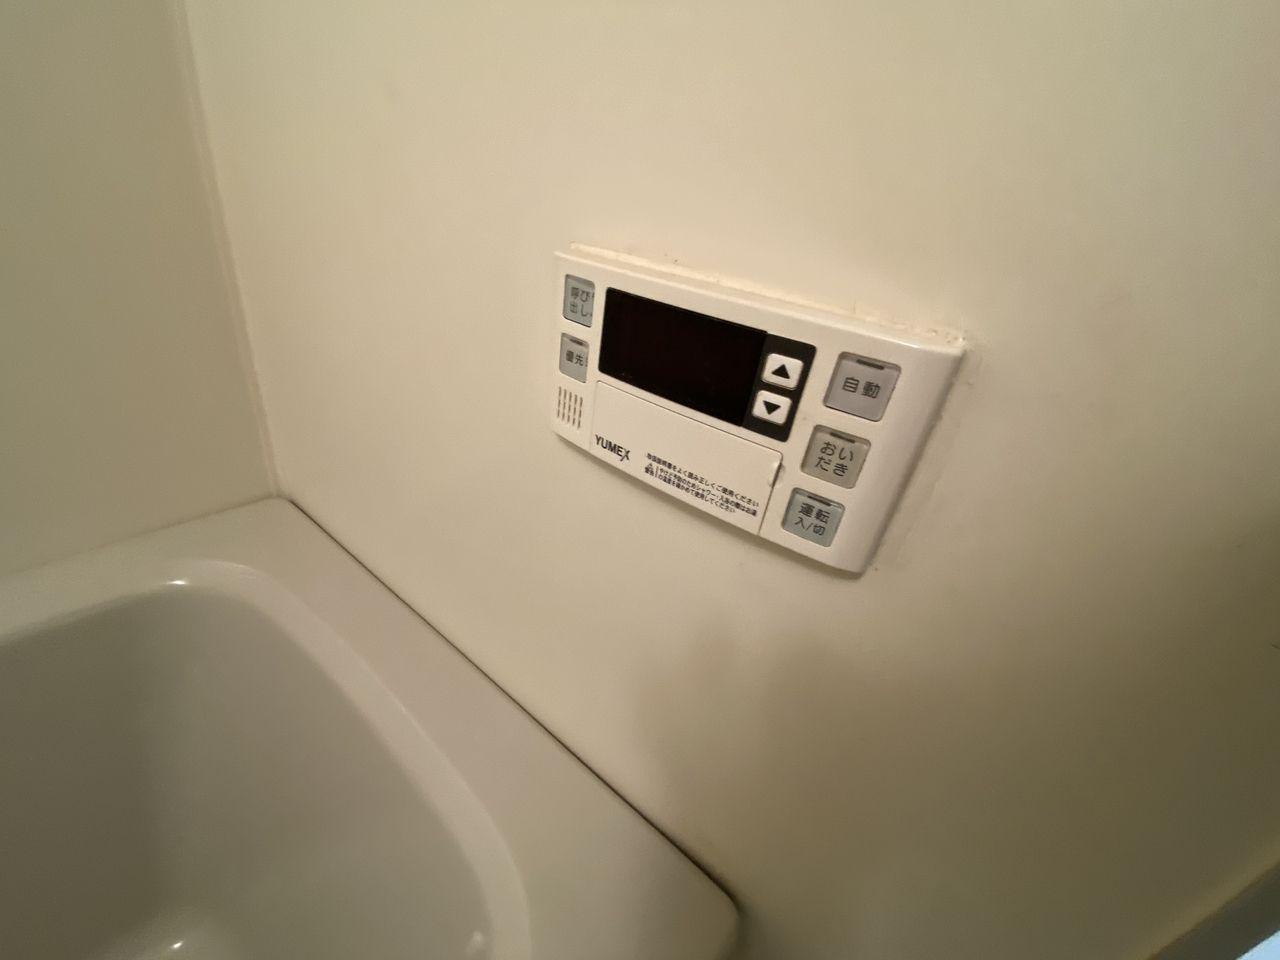 EV付たまプラーザ駅2分のマンションの第5正美ビルの浴室の操作パネル